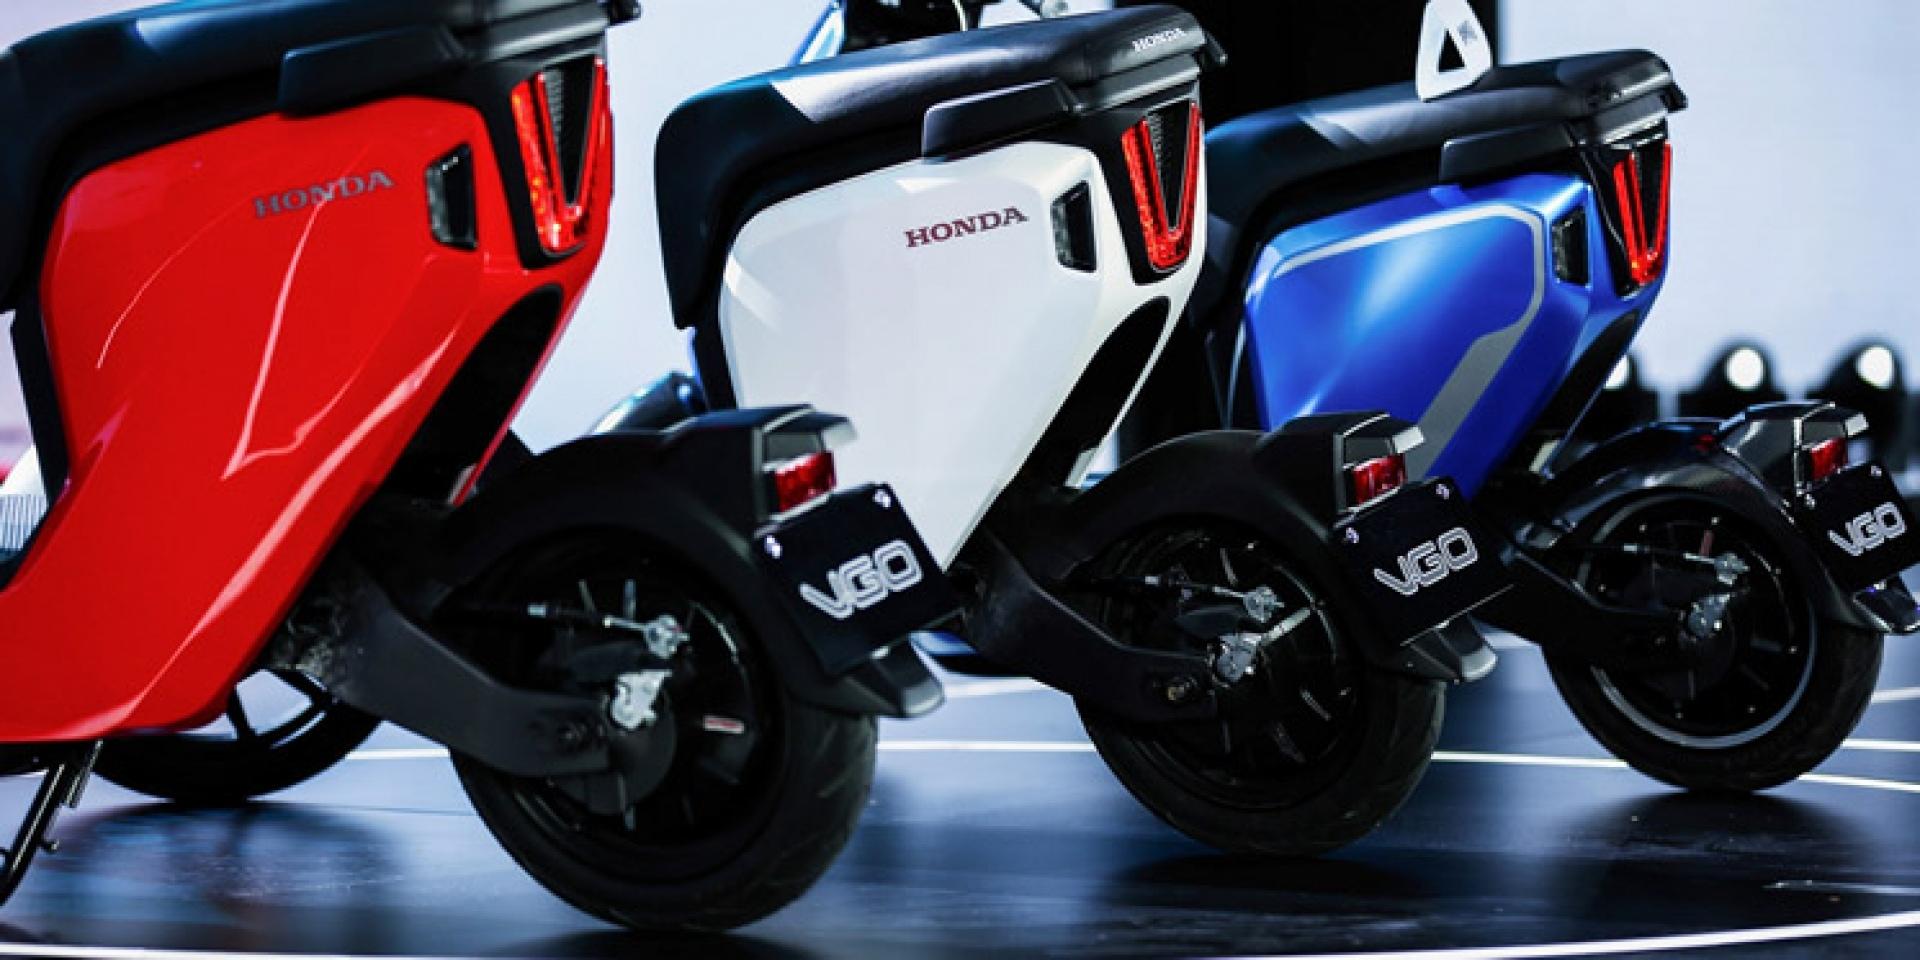 品牌光環大於內容?Honda針對中國市場推出首款鋰電池電動車